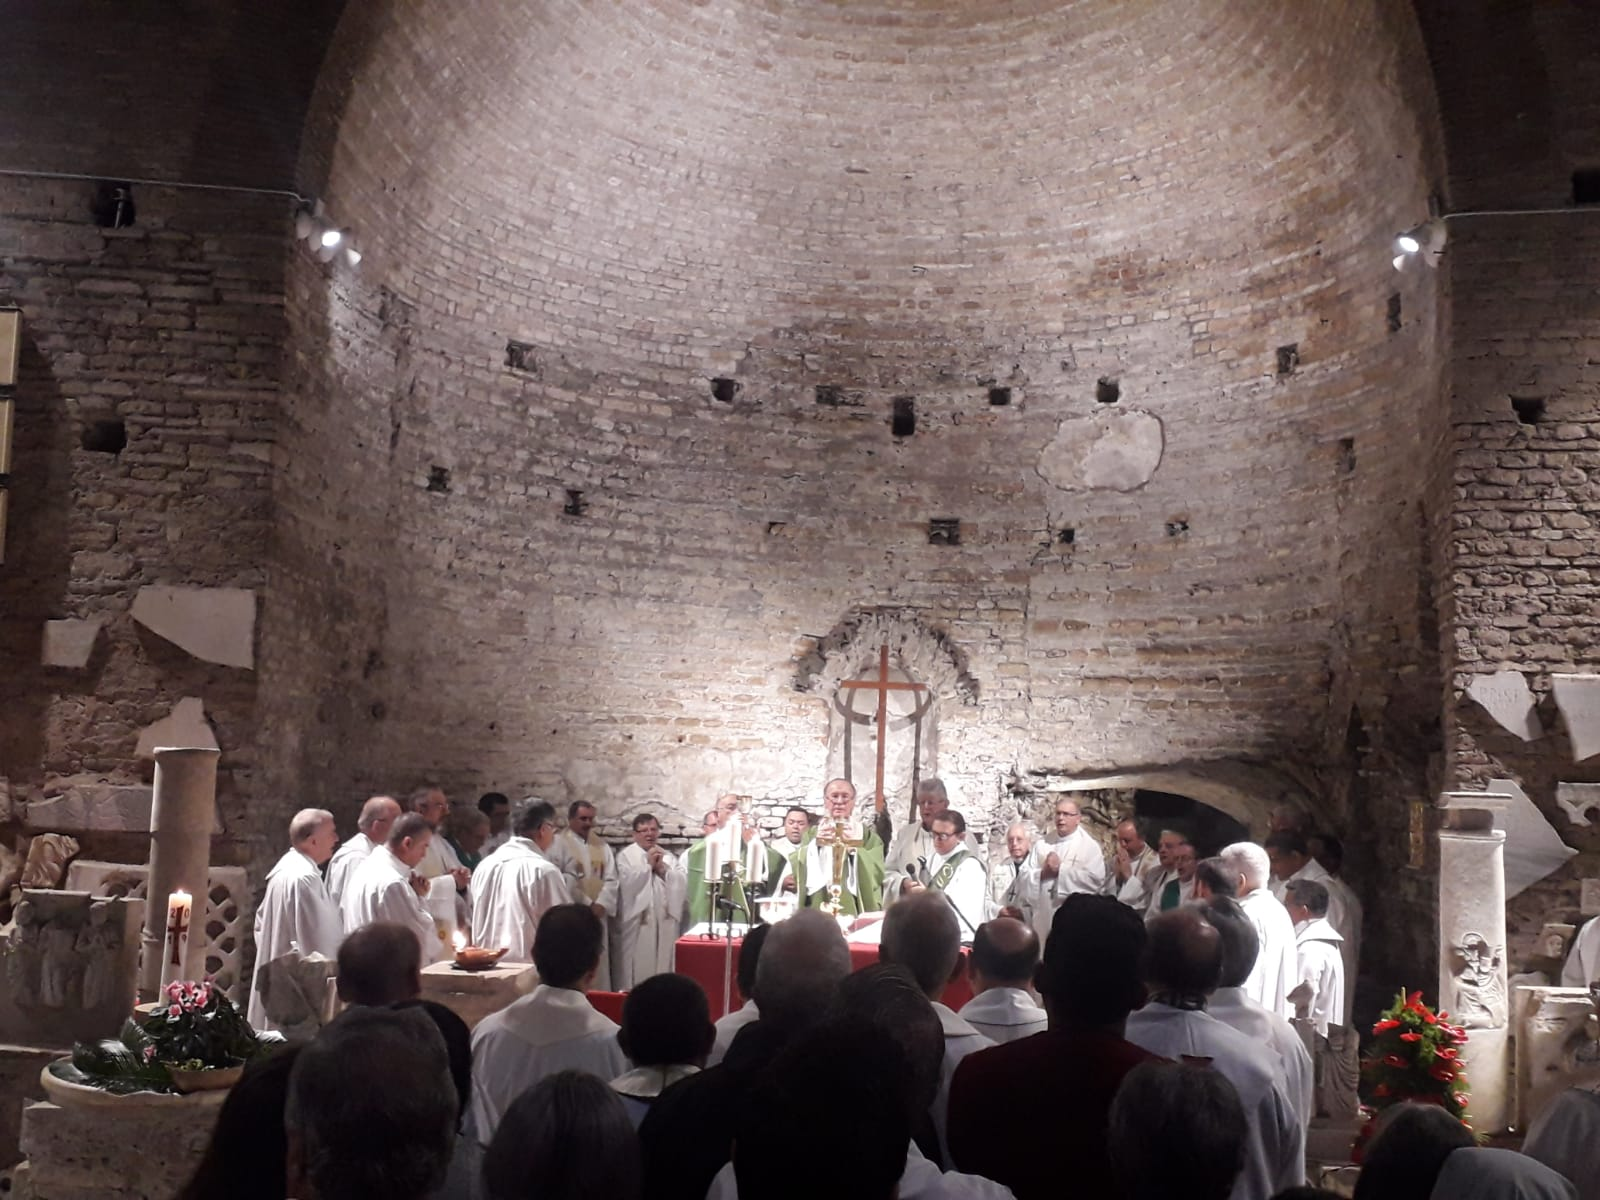 Pacto das Catacumbas: padre pede graça e sabedoria para abrir olhos, mente e coração